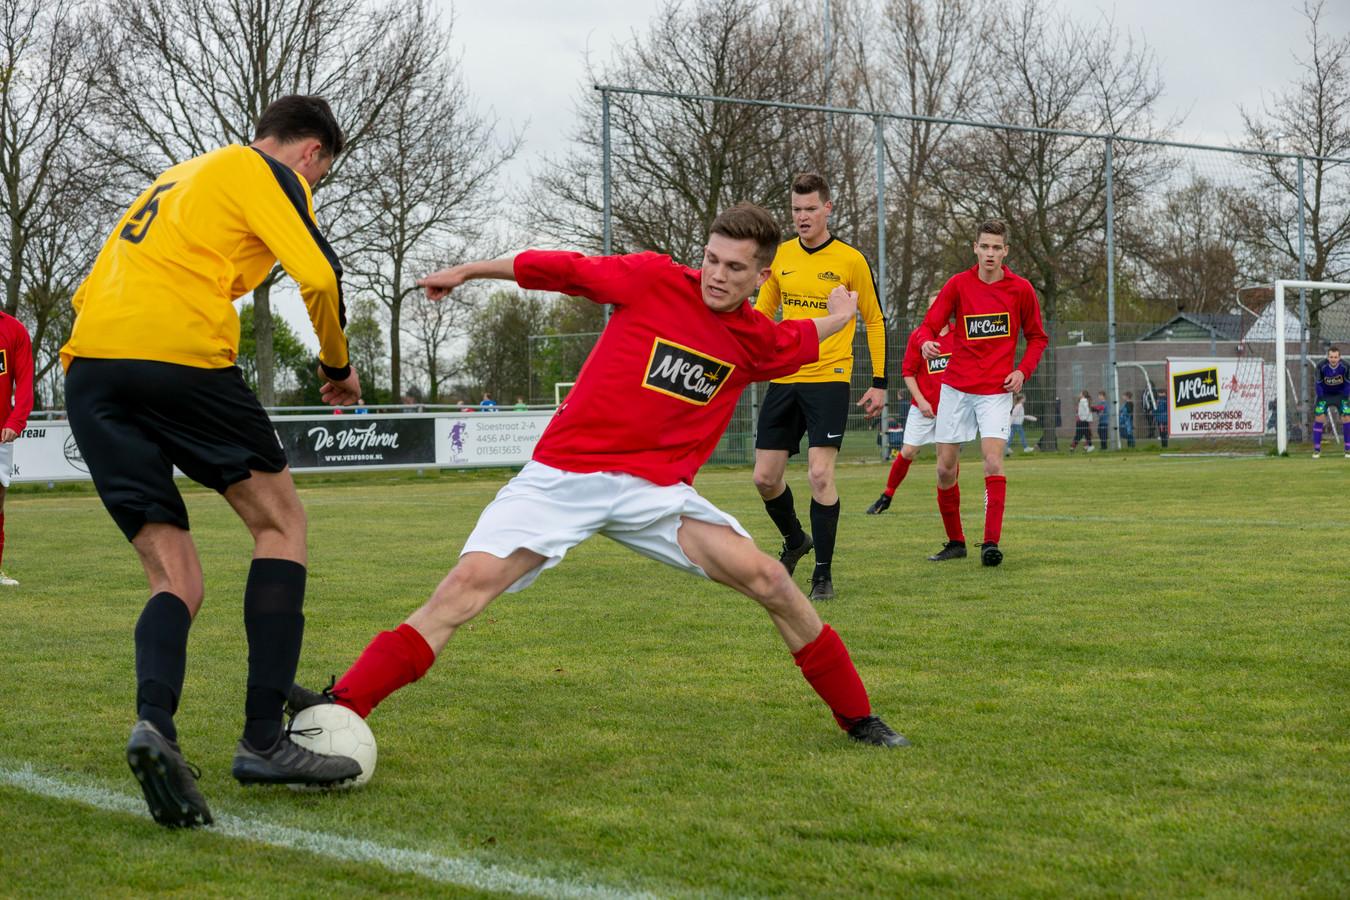 Hoedekenskerke/Kwadendamme (gele shirts) gaat in de derby bij DwO'15 op zoek naar de eerste zege sinds de eerste speeldag.